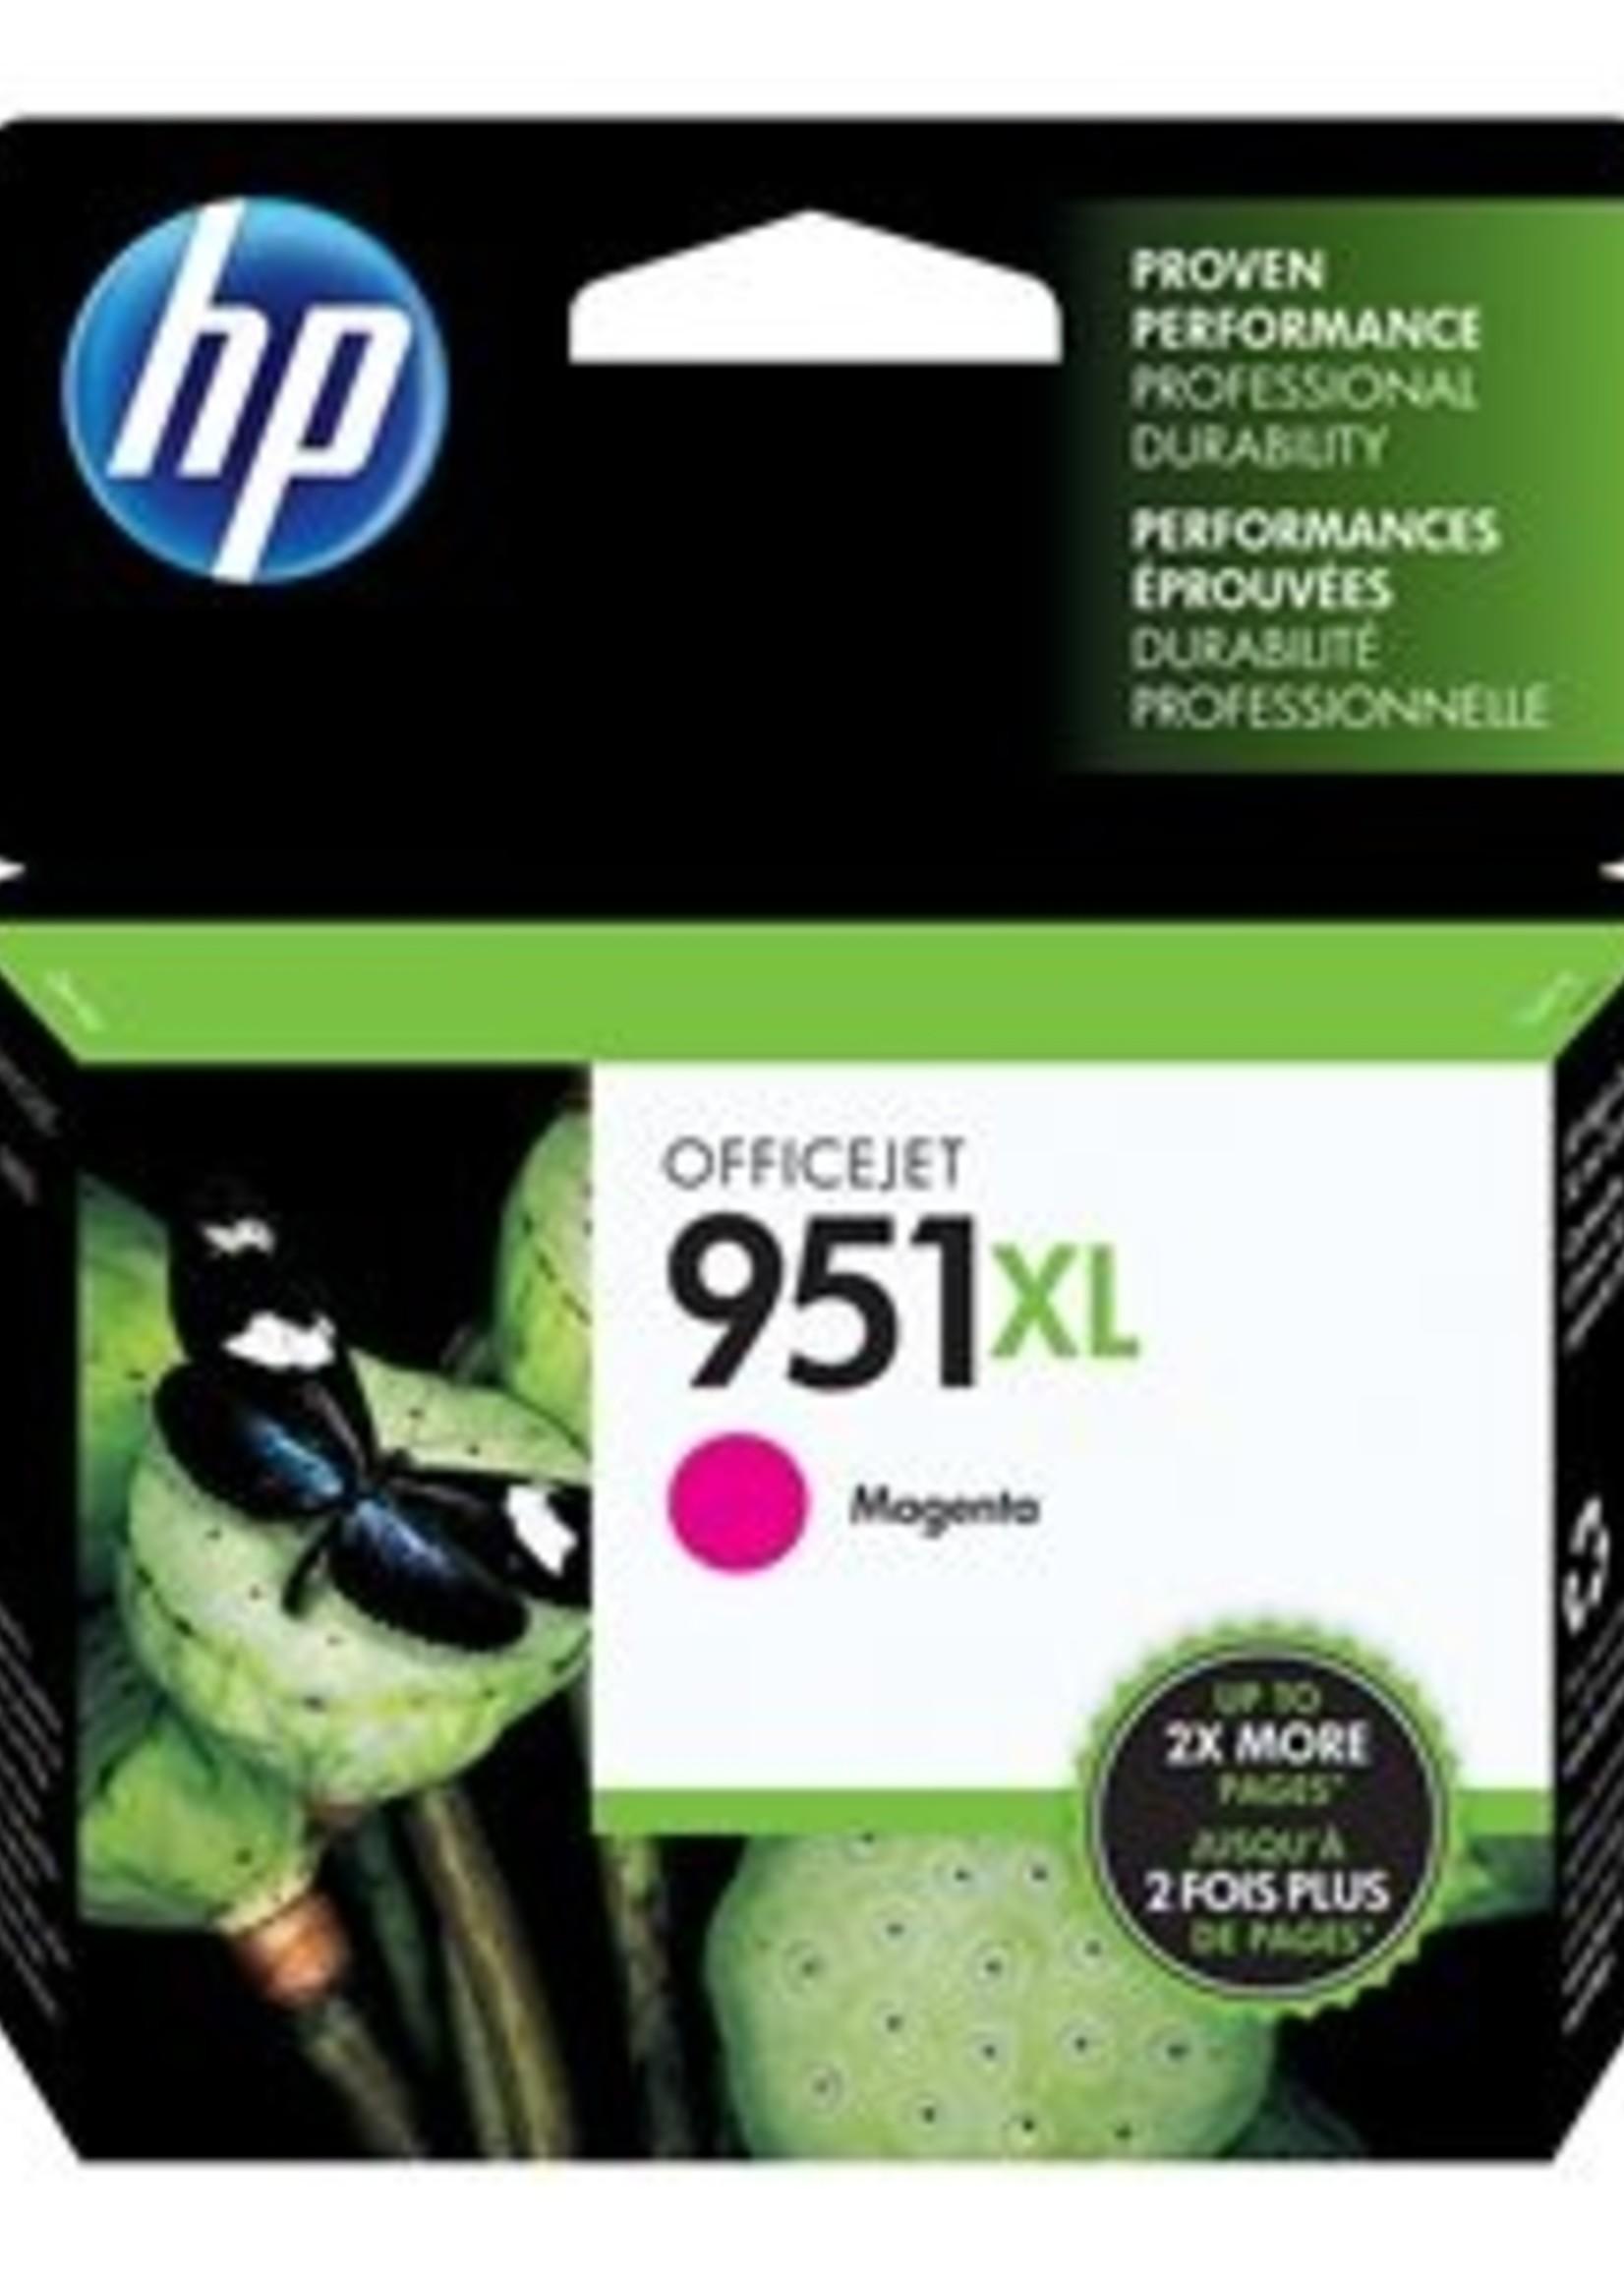 HP HP 951XL Magenta